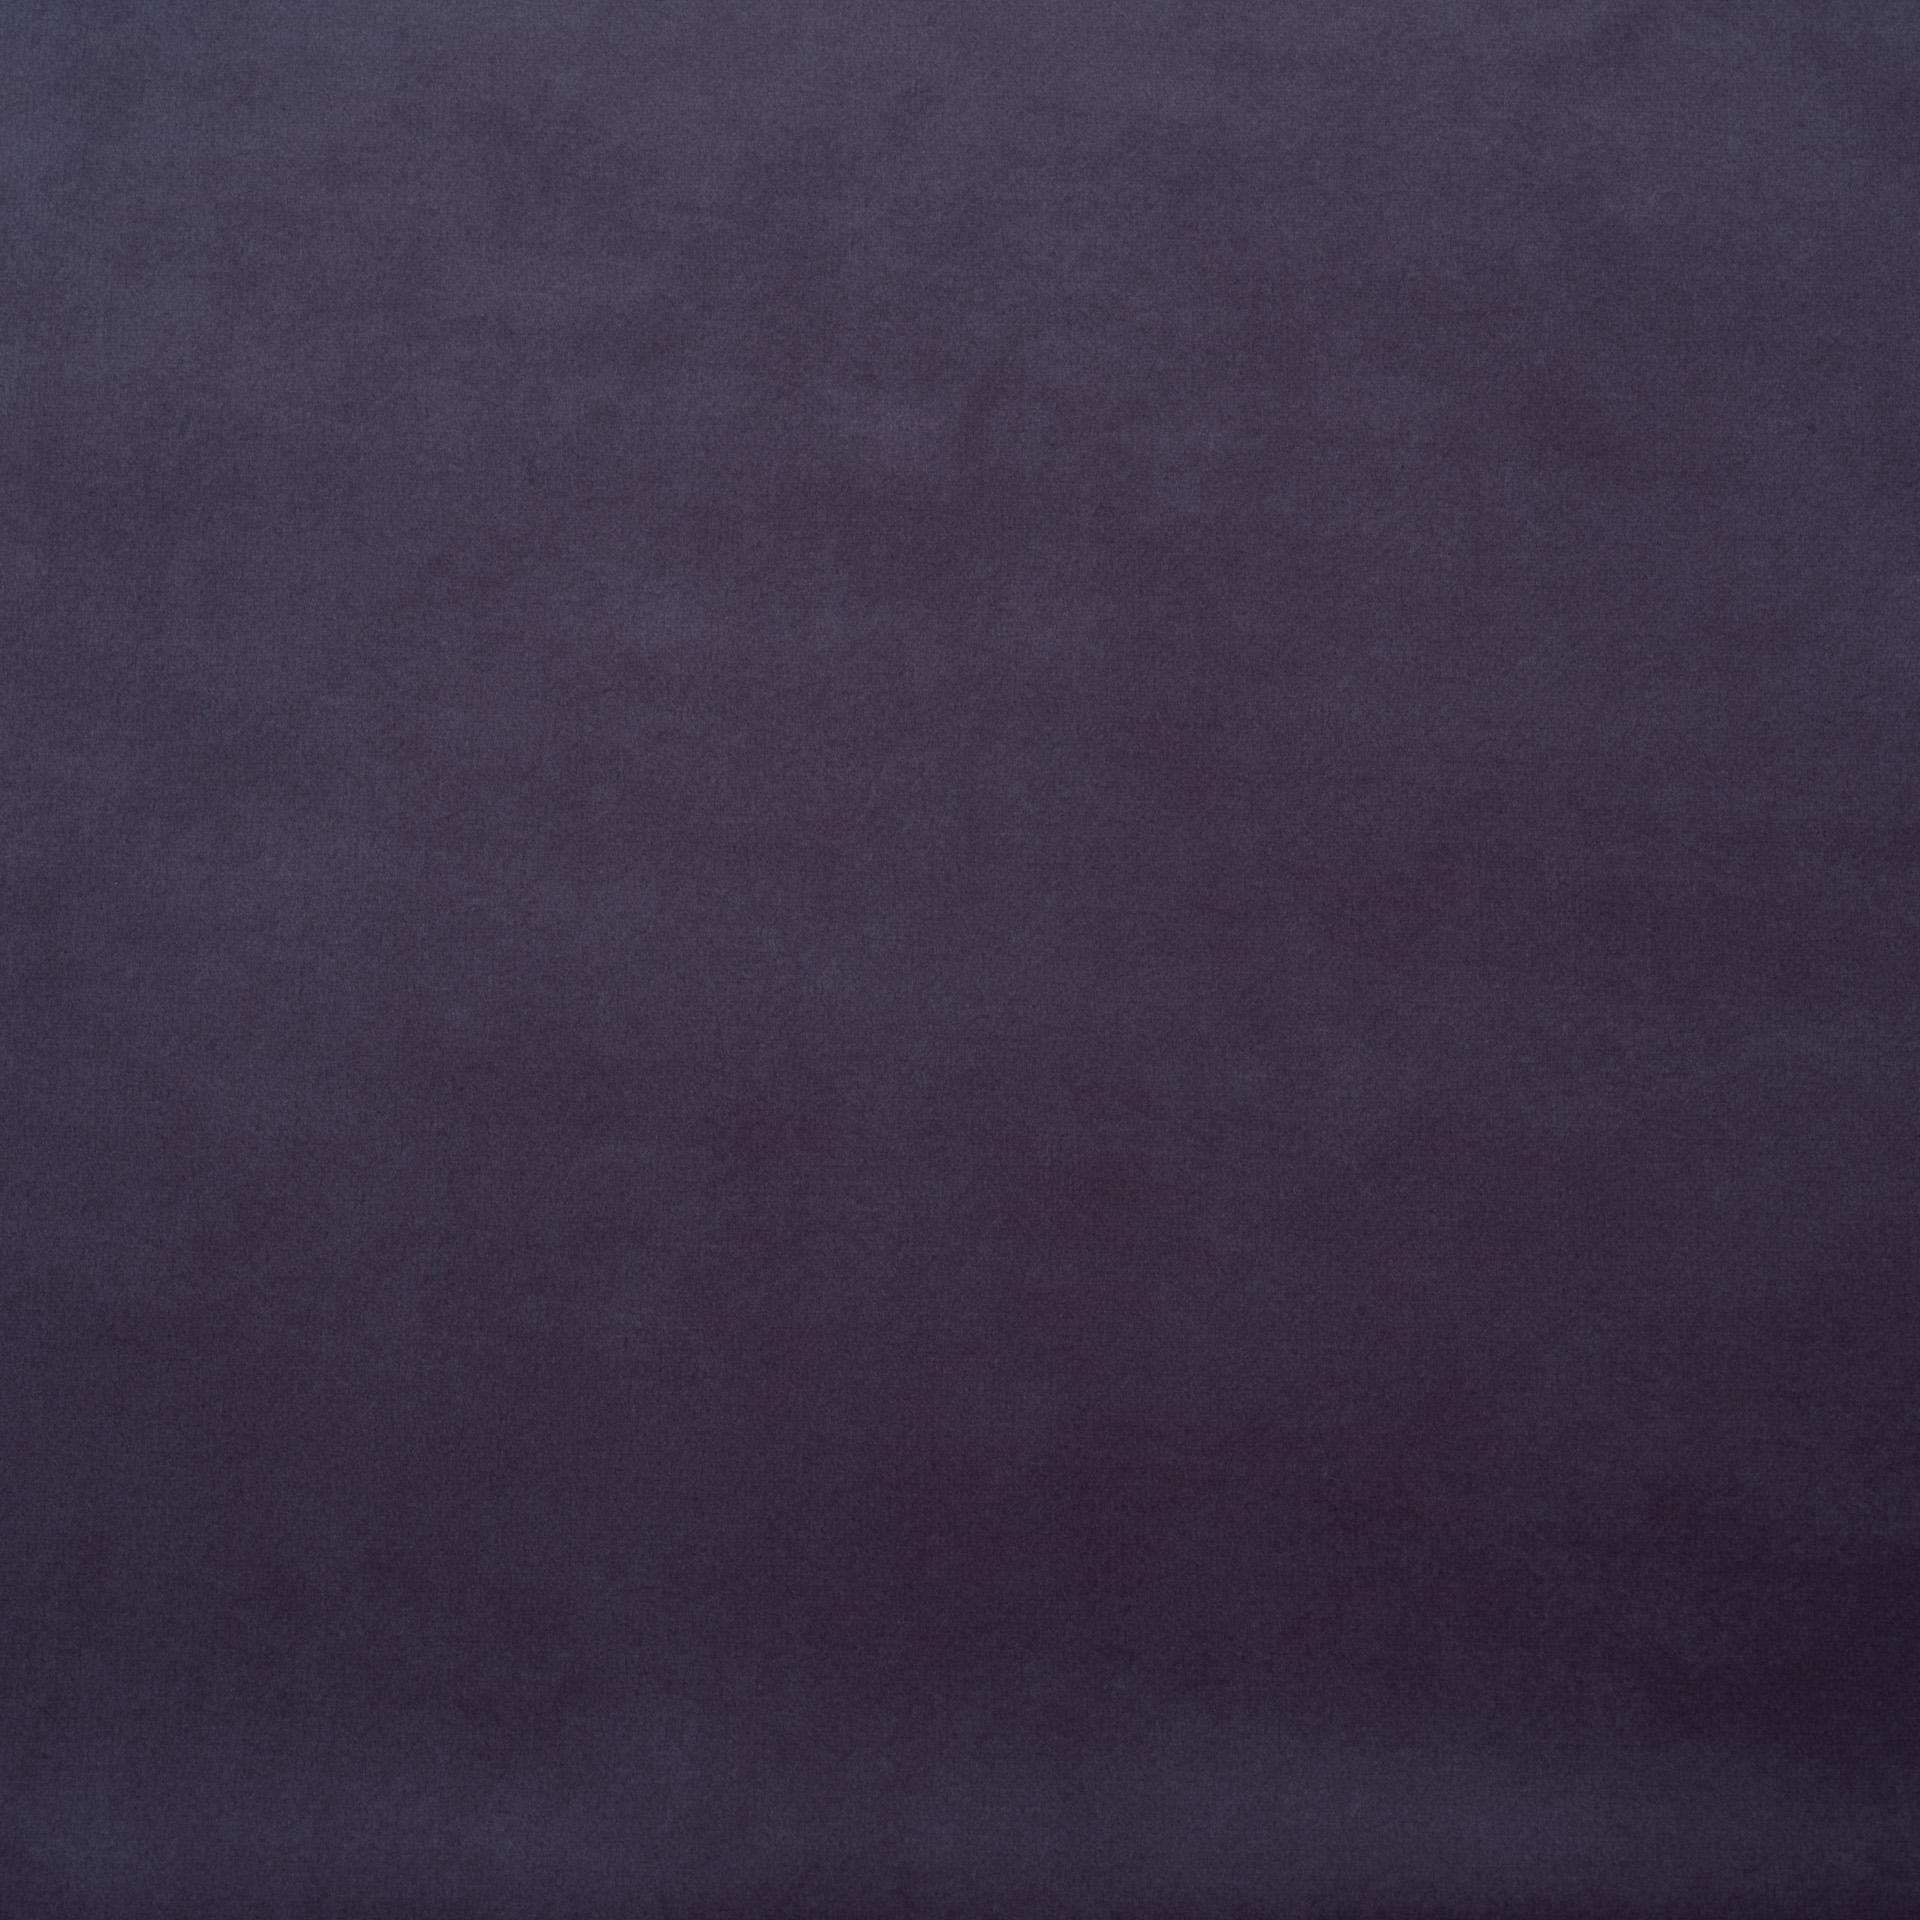 Коллекция ткани Альмира 05 AMETHYST ORCHID,  купить ткань Велюр для мебели Украина